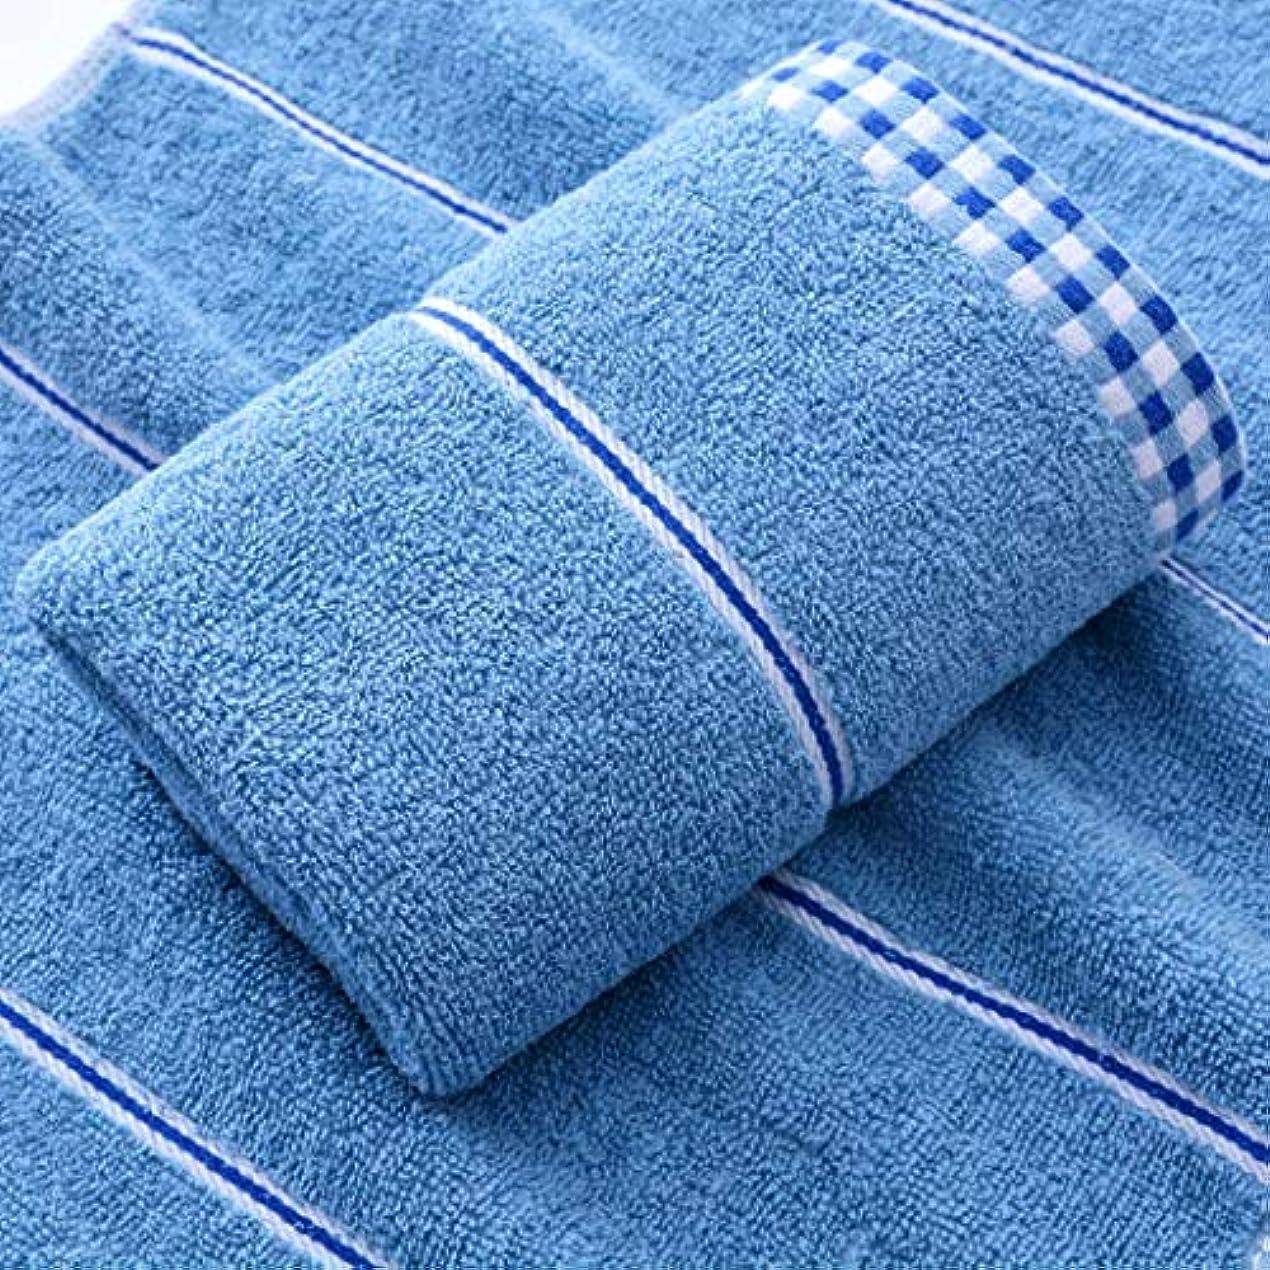 構築するほのめかす人に関する限りファッション高級スーパーソフトコットンタオルと速乾性タオル,Blue,33*73cm